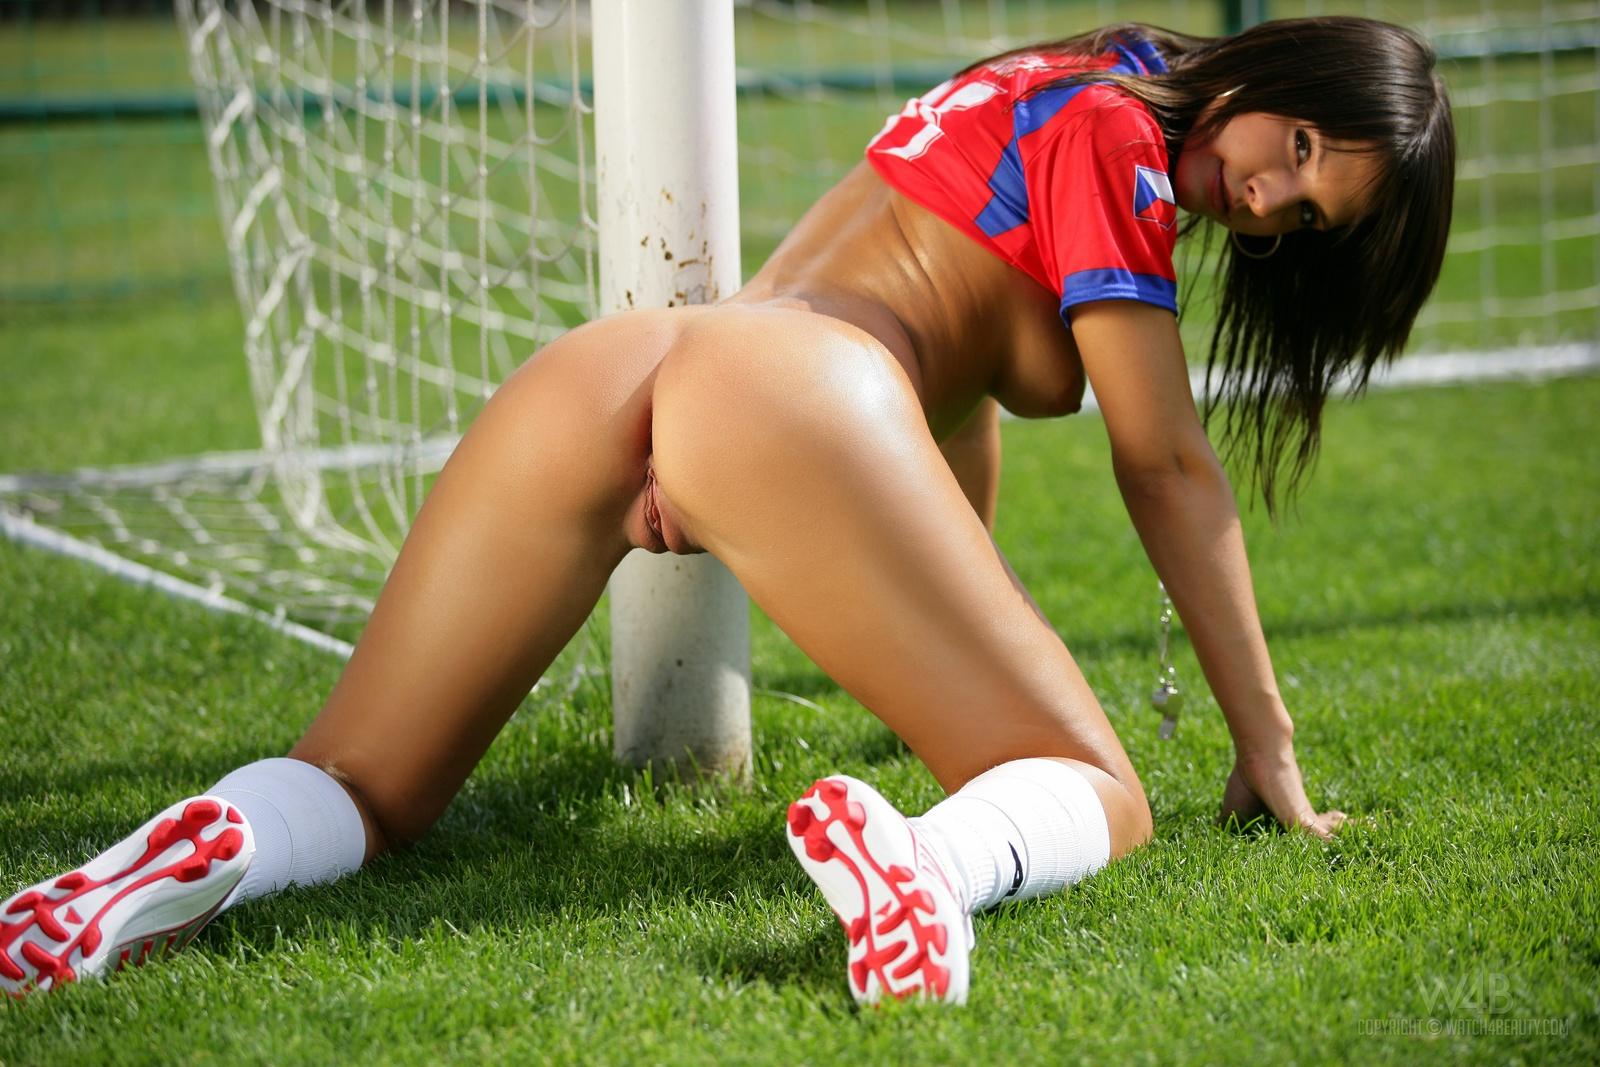 фото девушки футболистки показывающей пизду находящиеся